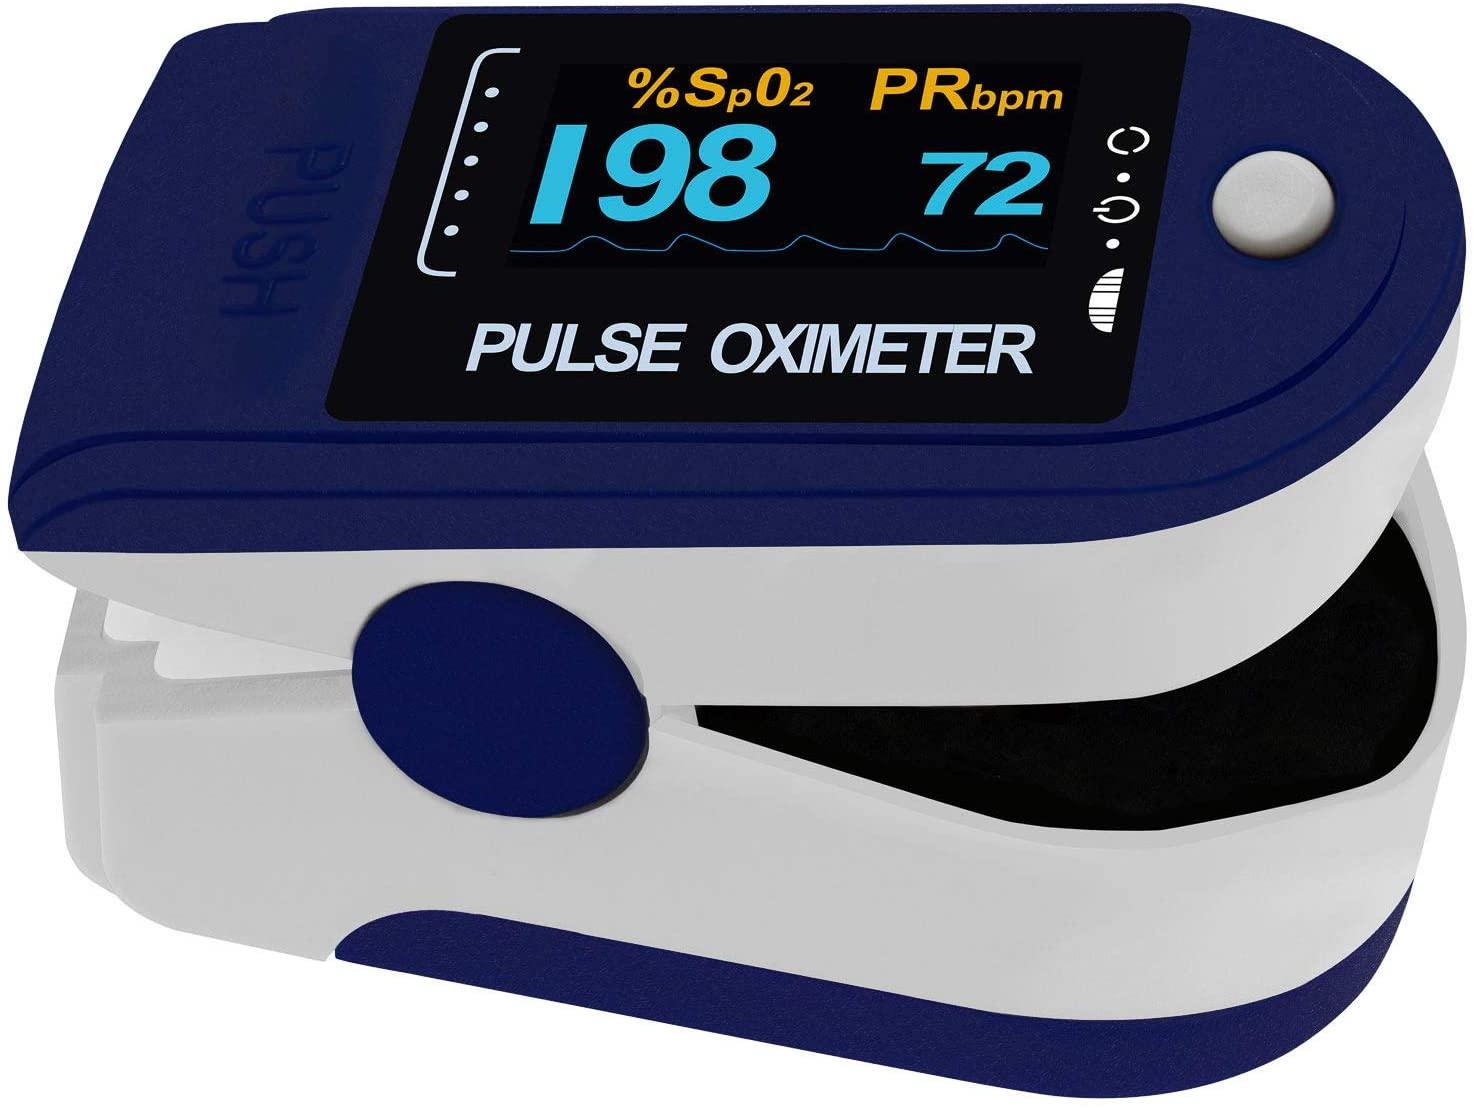 Pulsoximeter PO-200 Solo von Pulox